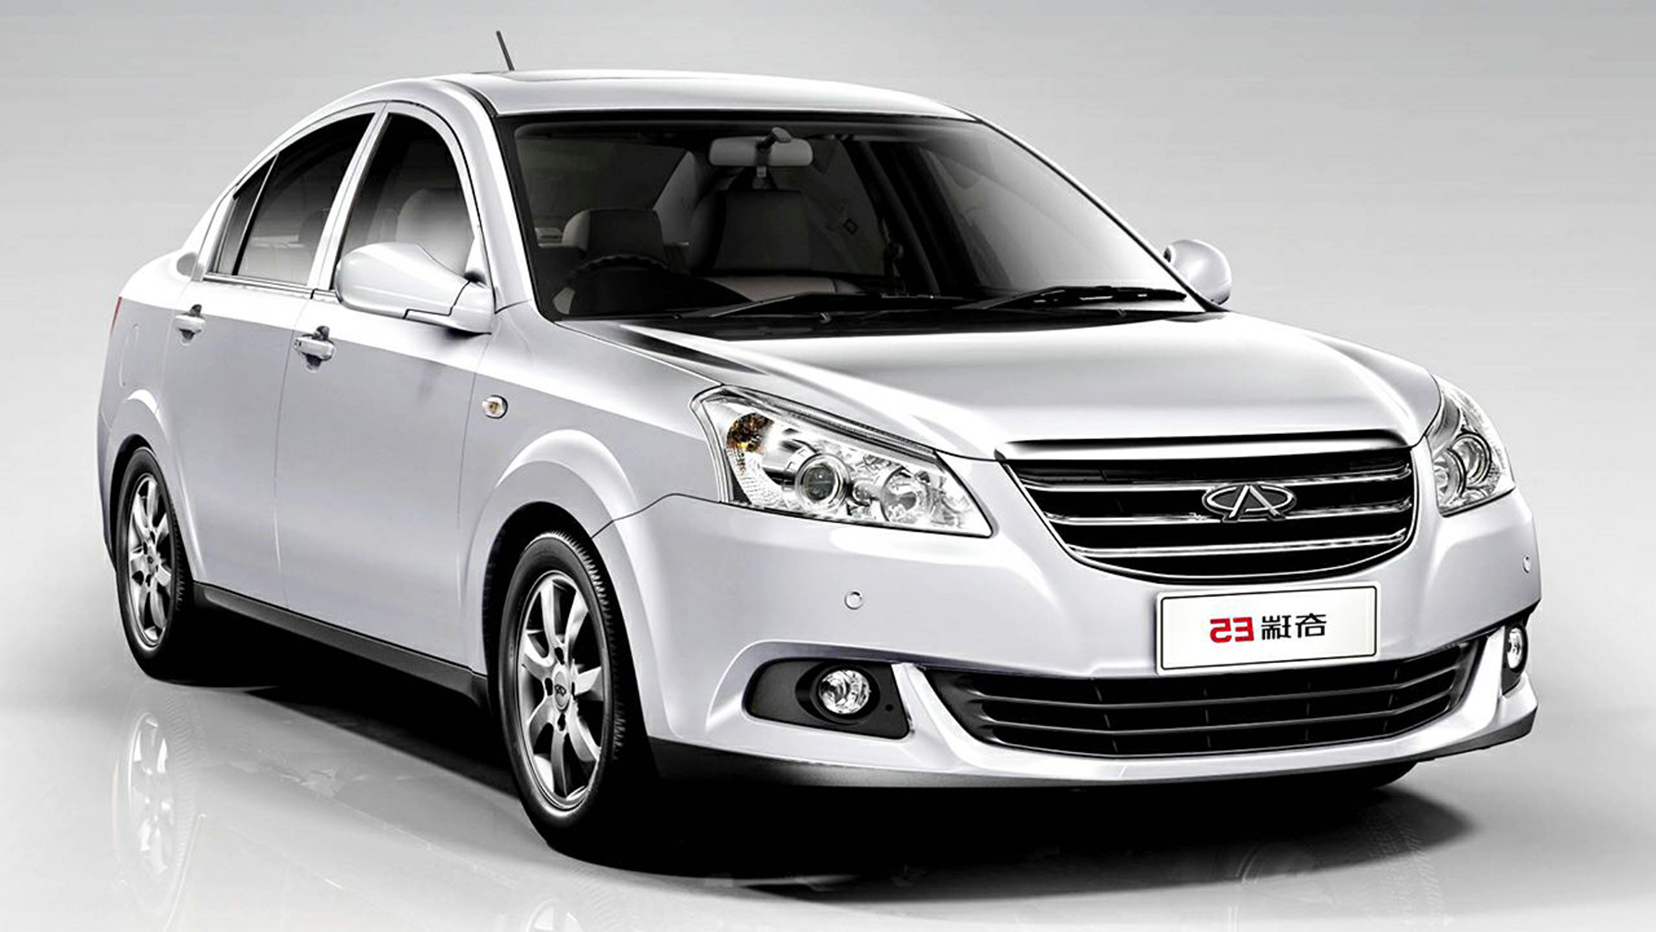 ام وی ام 550 به عنوان یکی از بی کیفیت ترین خودروهای ایران شناخته شد